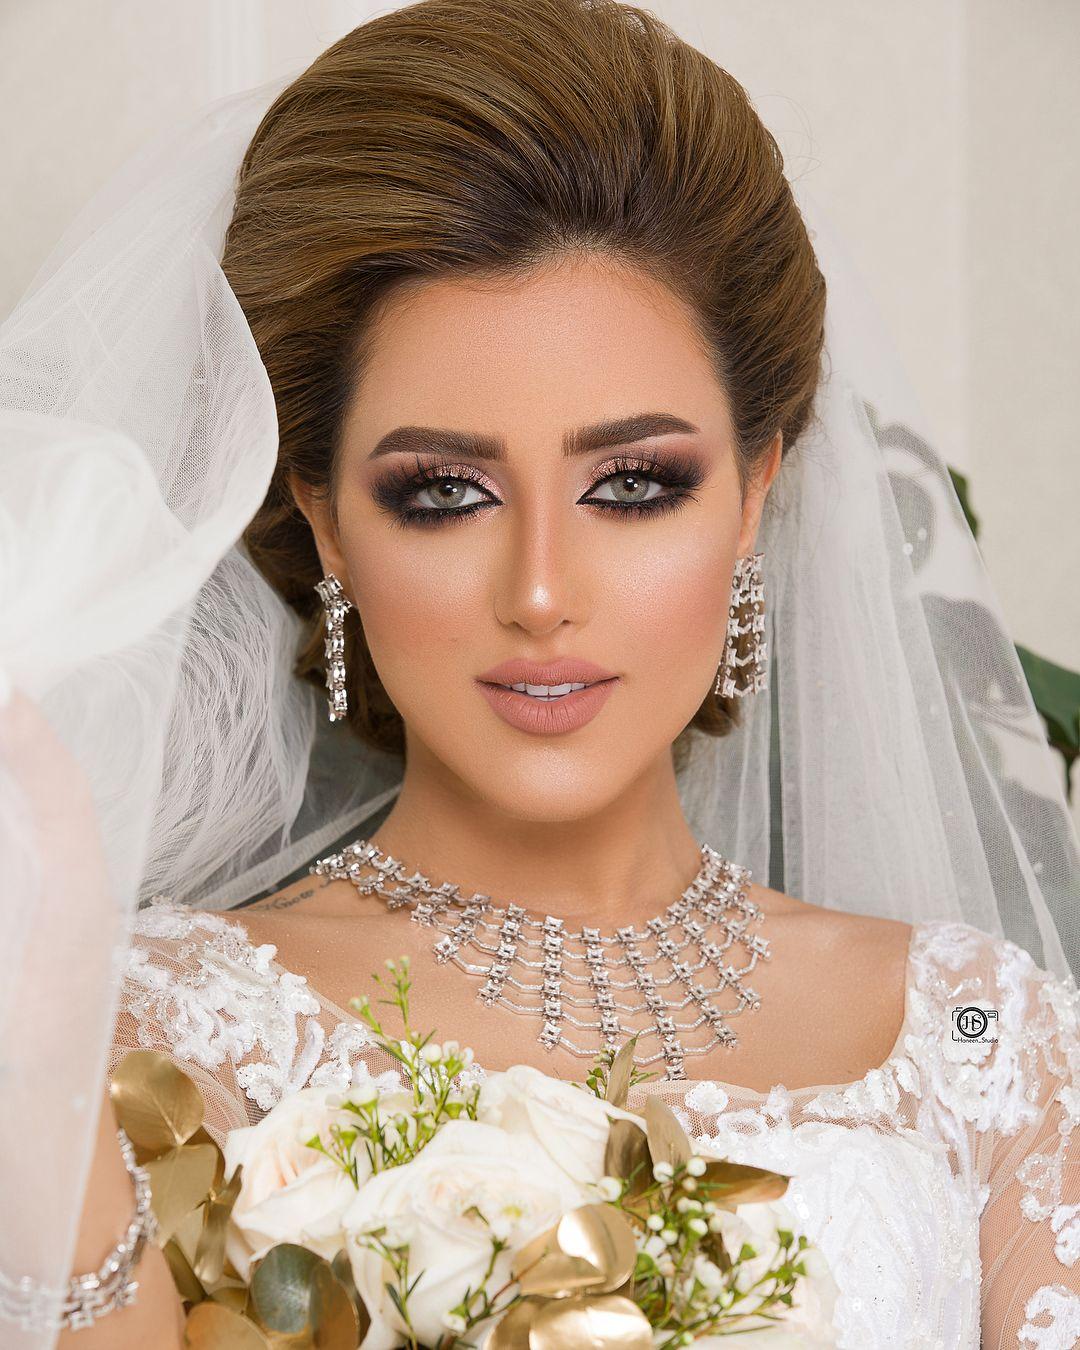 لا تقتل فرحتك بأفكار الأمس ثق بأن لكل يوم أشياء أجمل Vintage Makeup Looks Wedding Hair And Makeup Glam Makeup Look